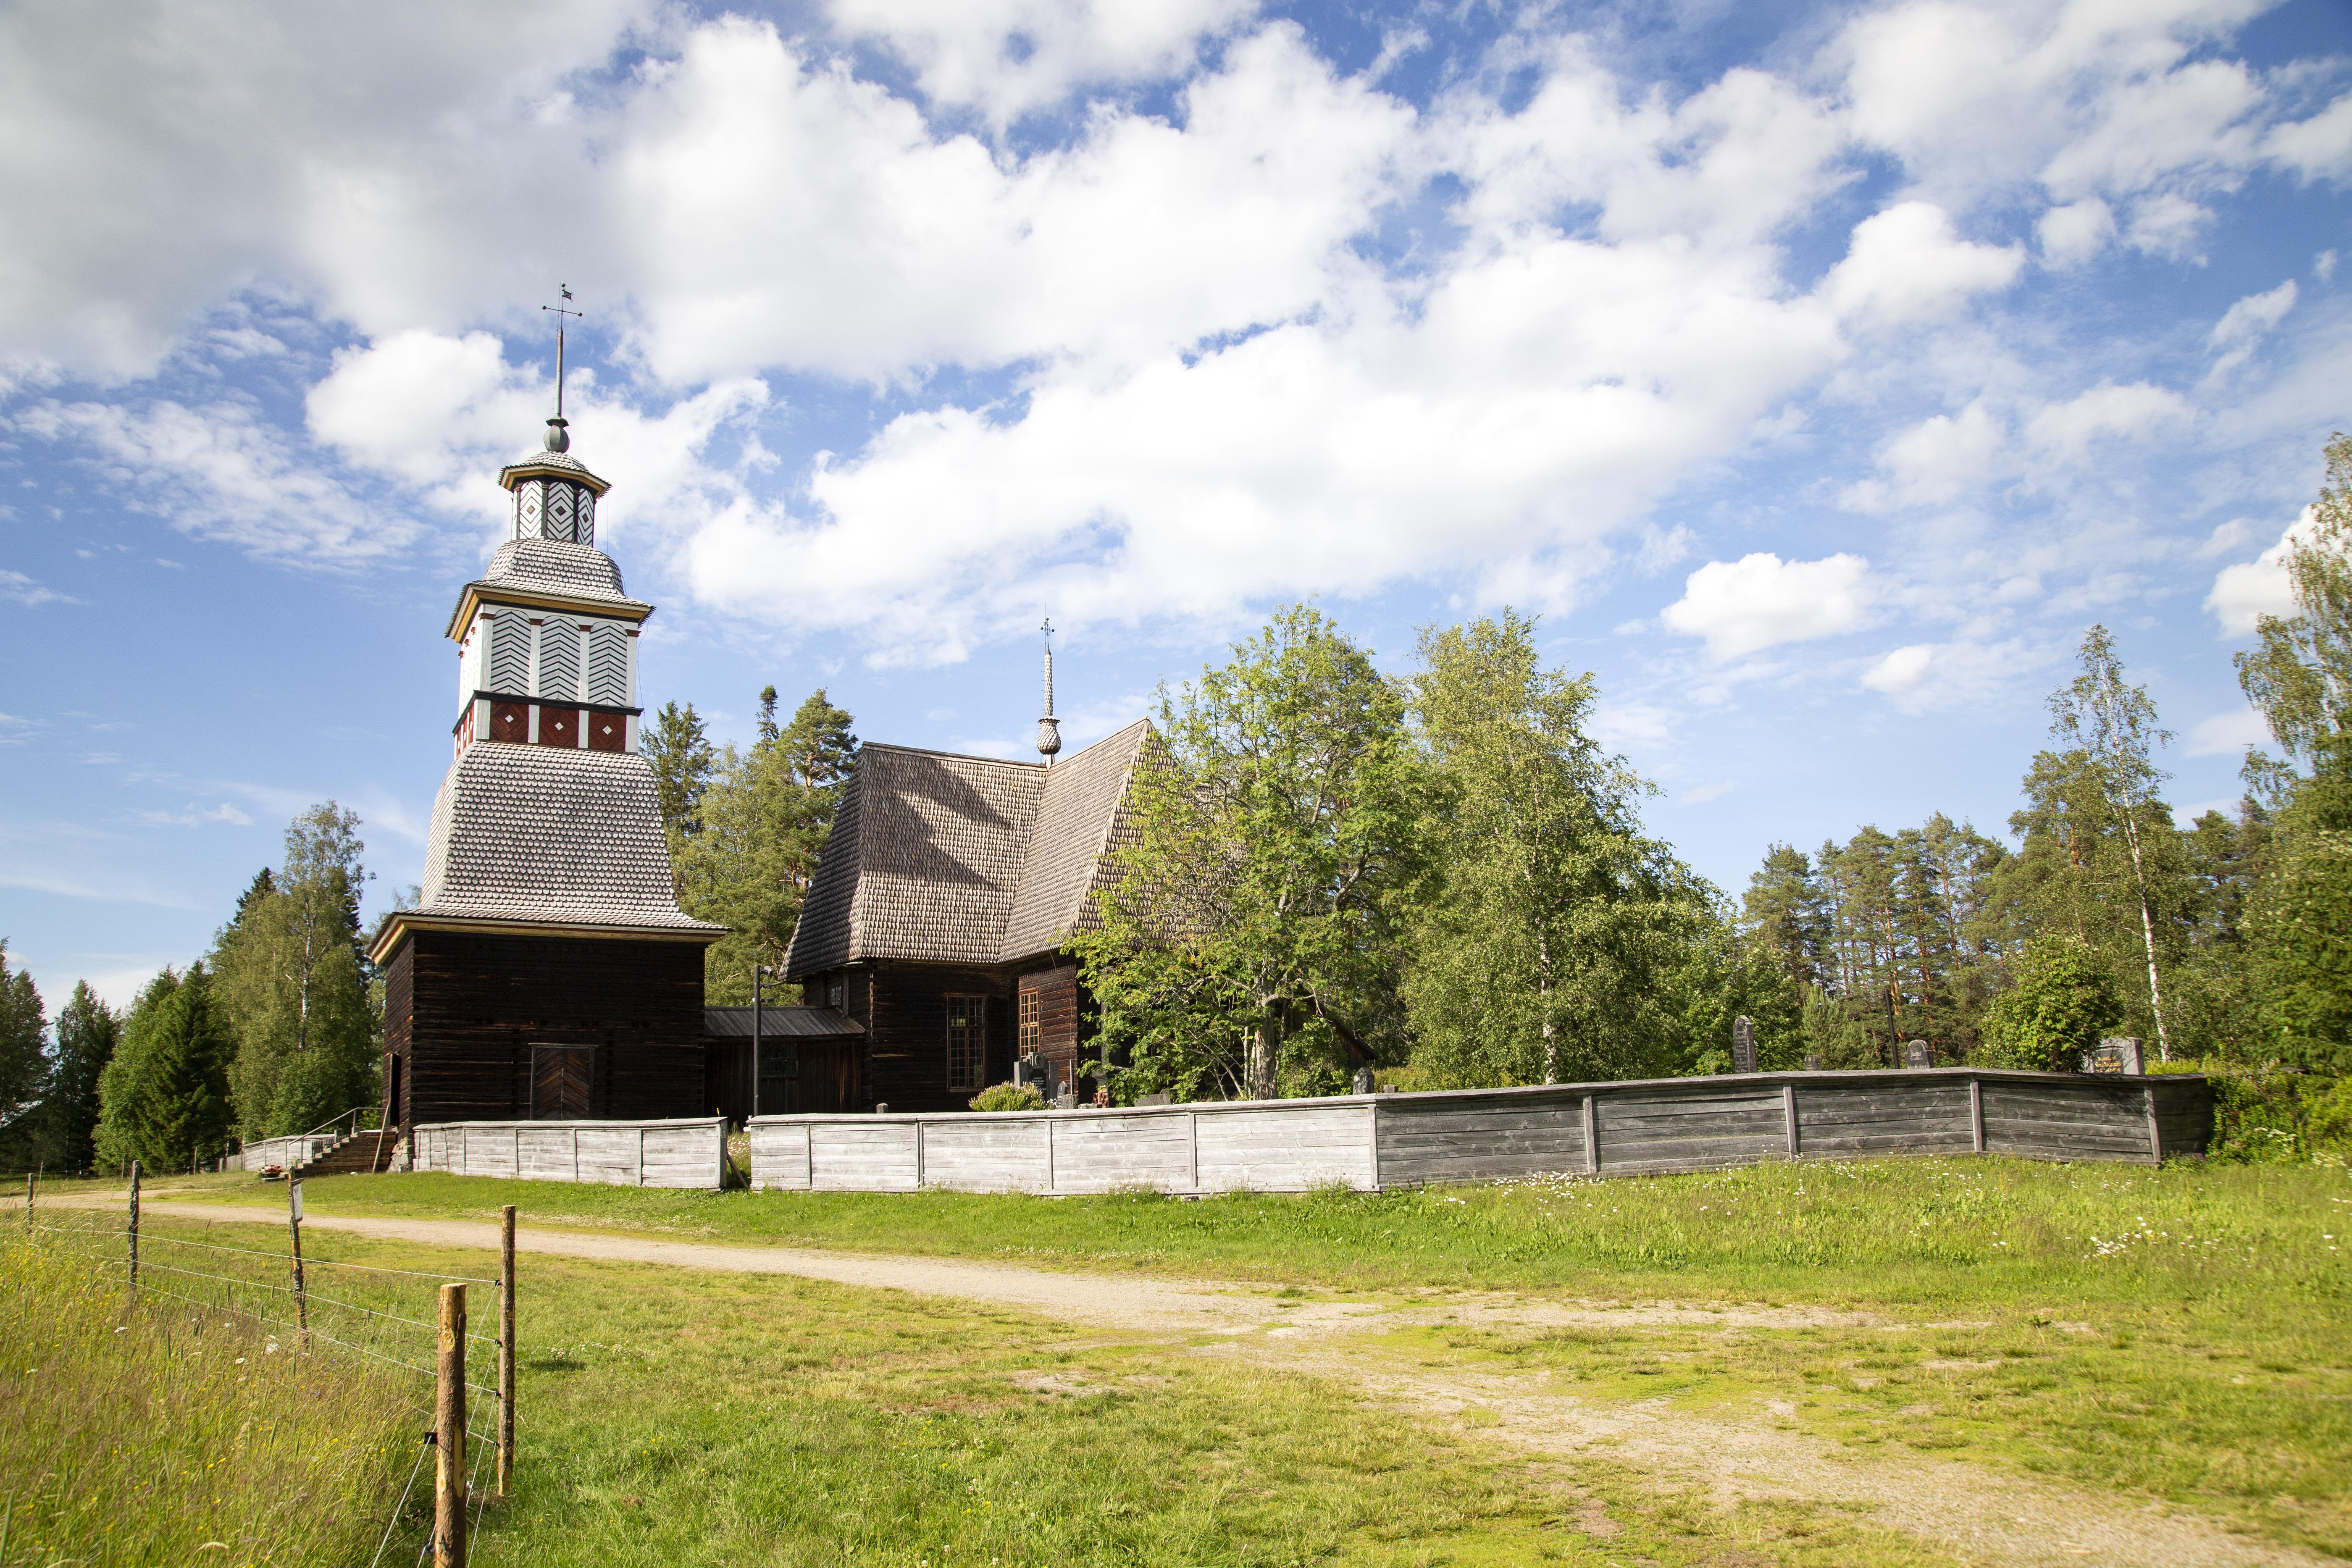 Petäjävesi Old Church summer